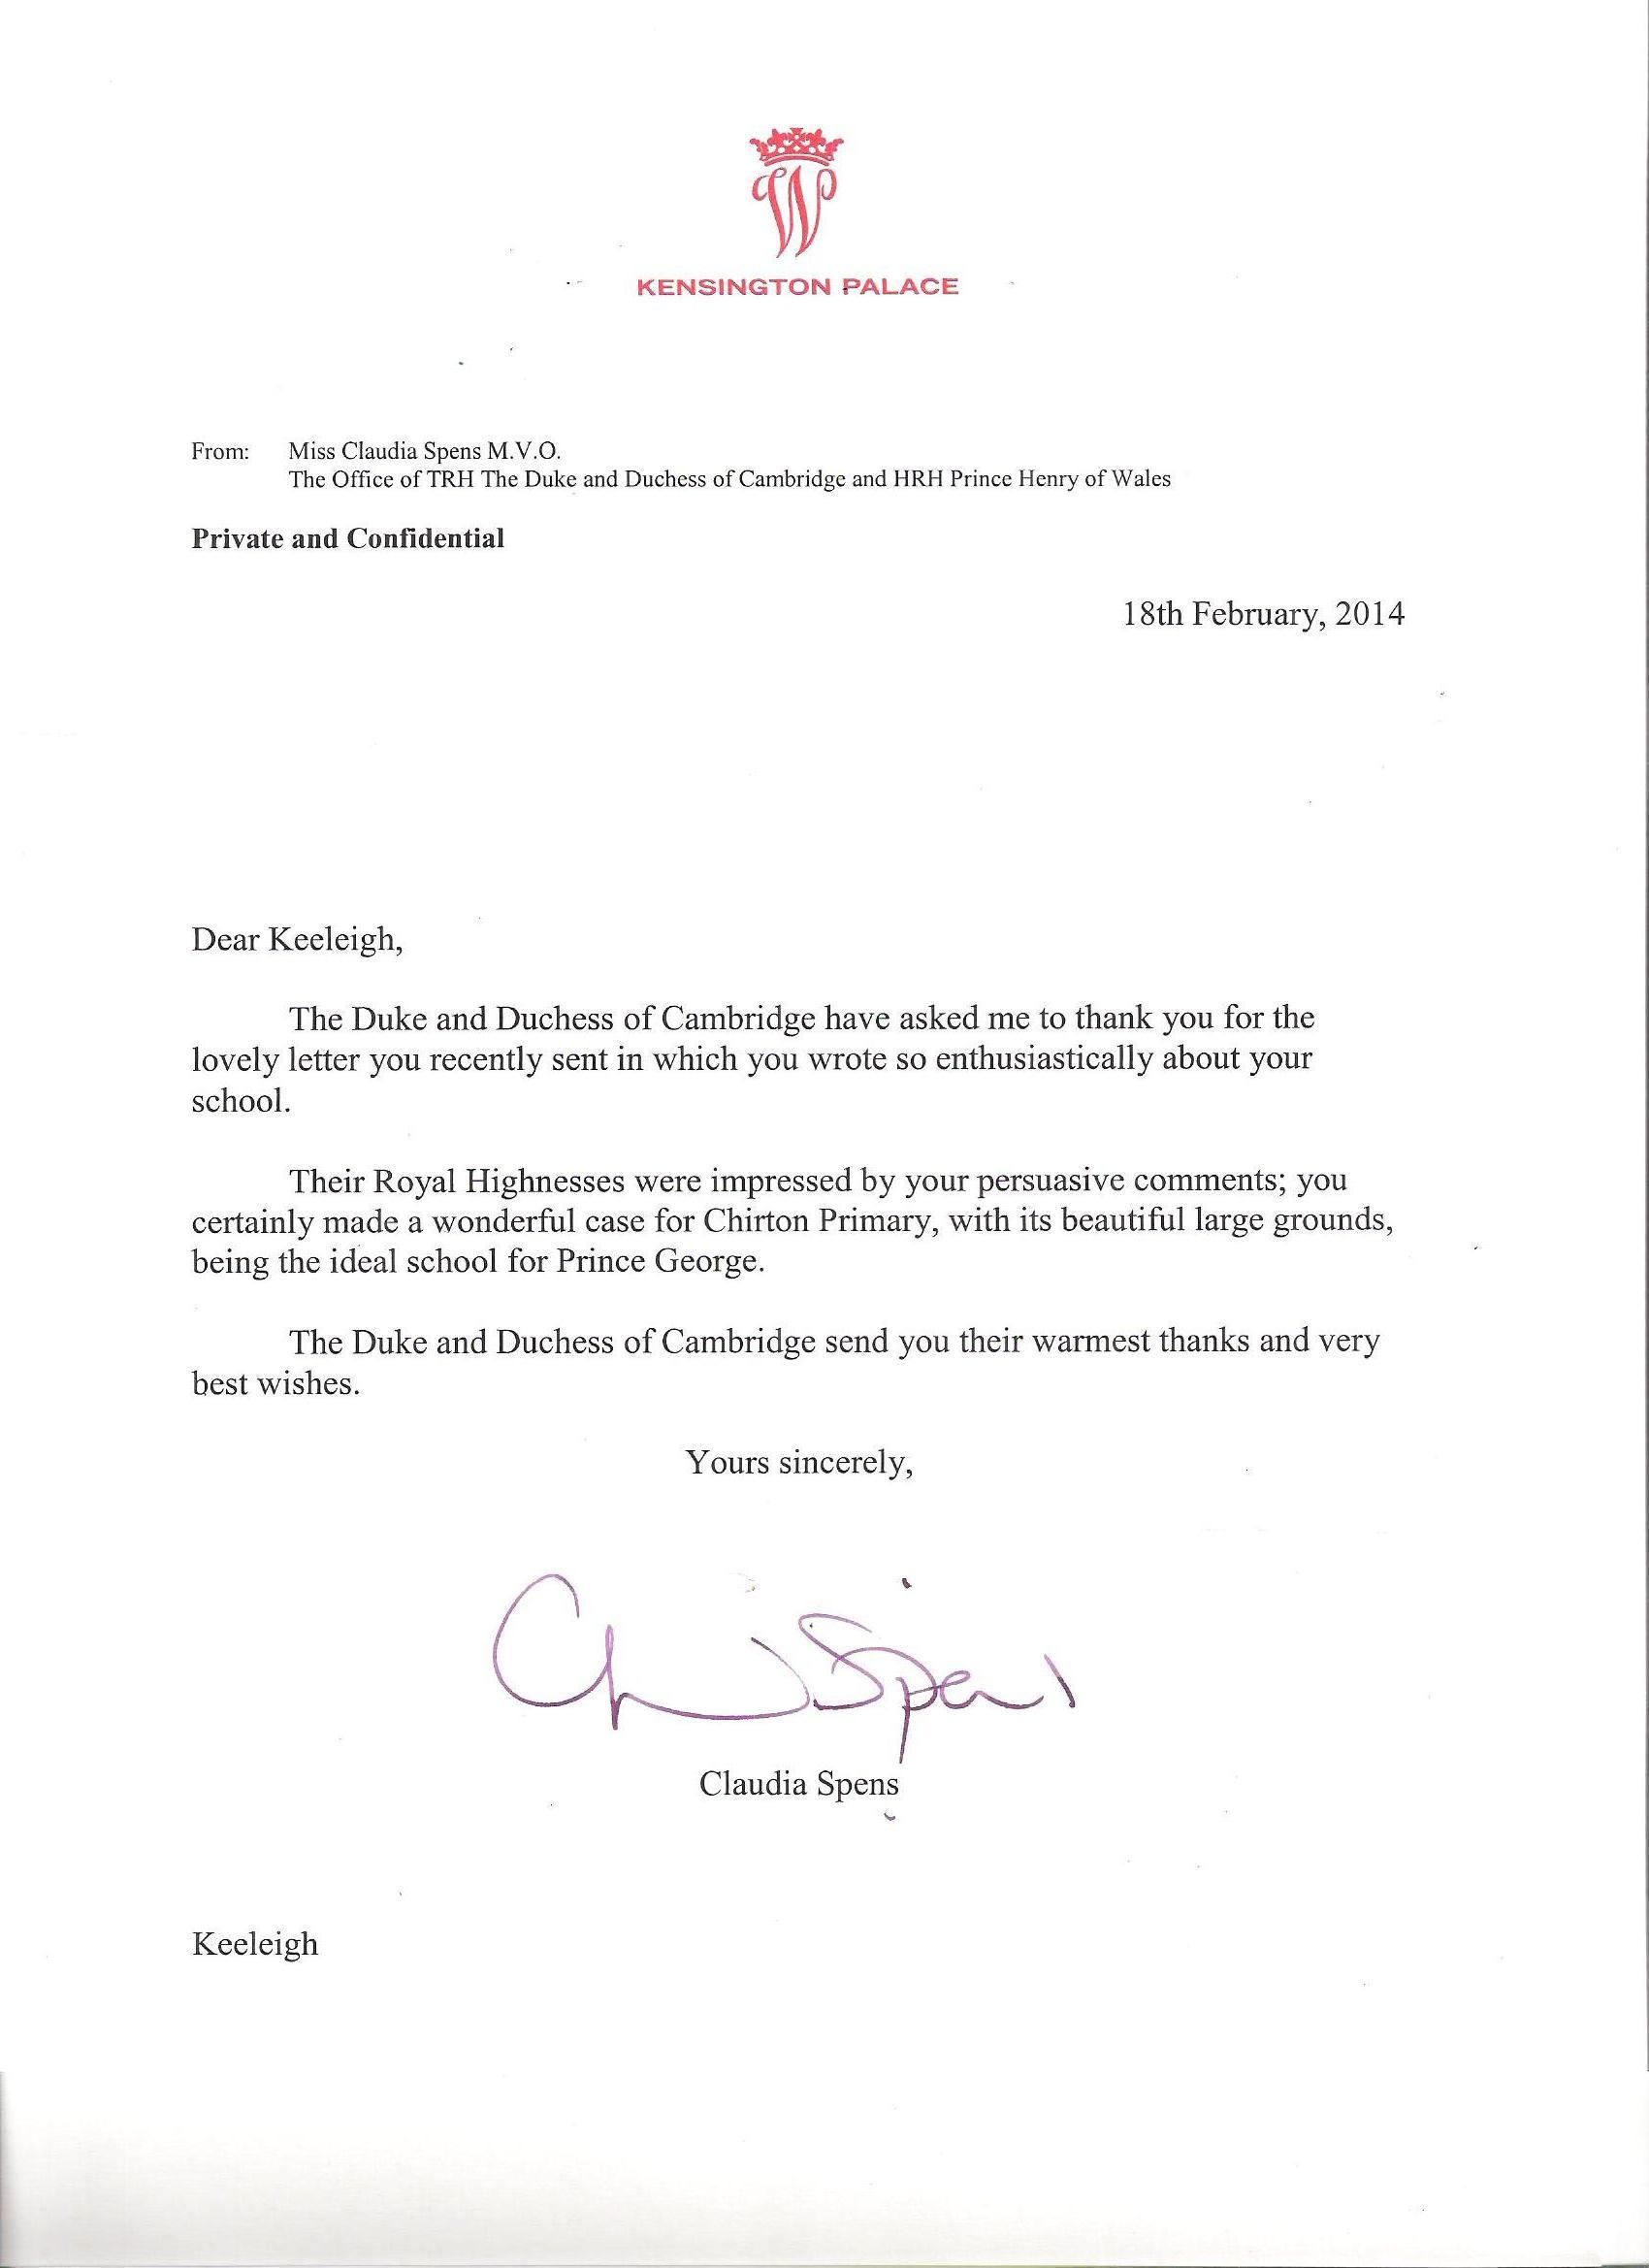 HRH letter